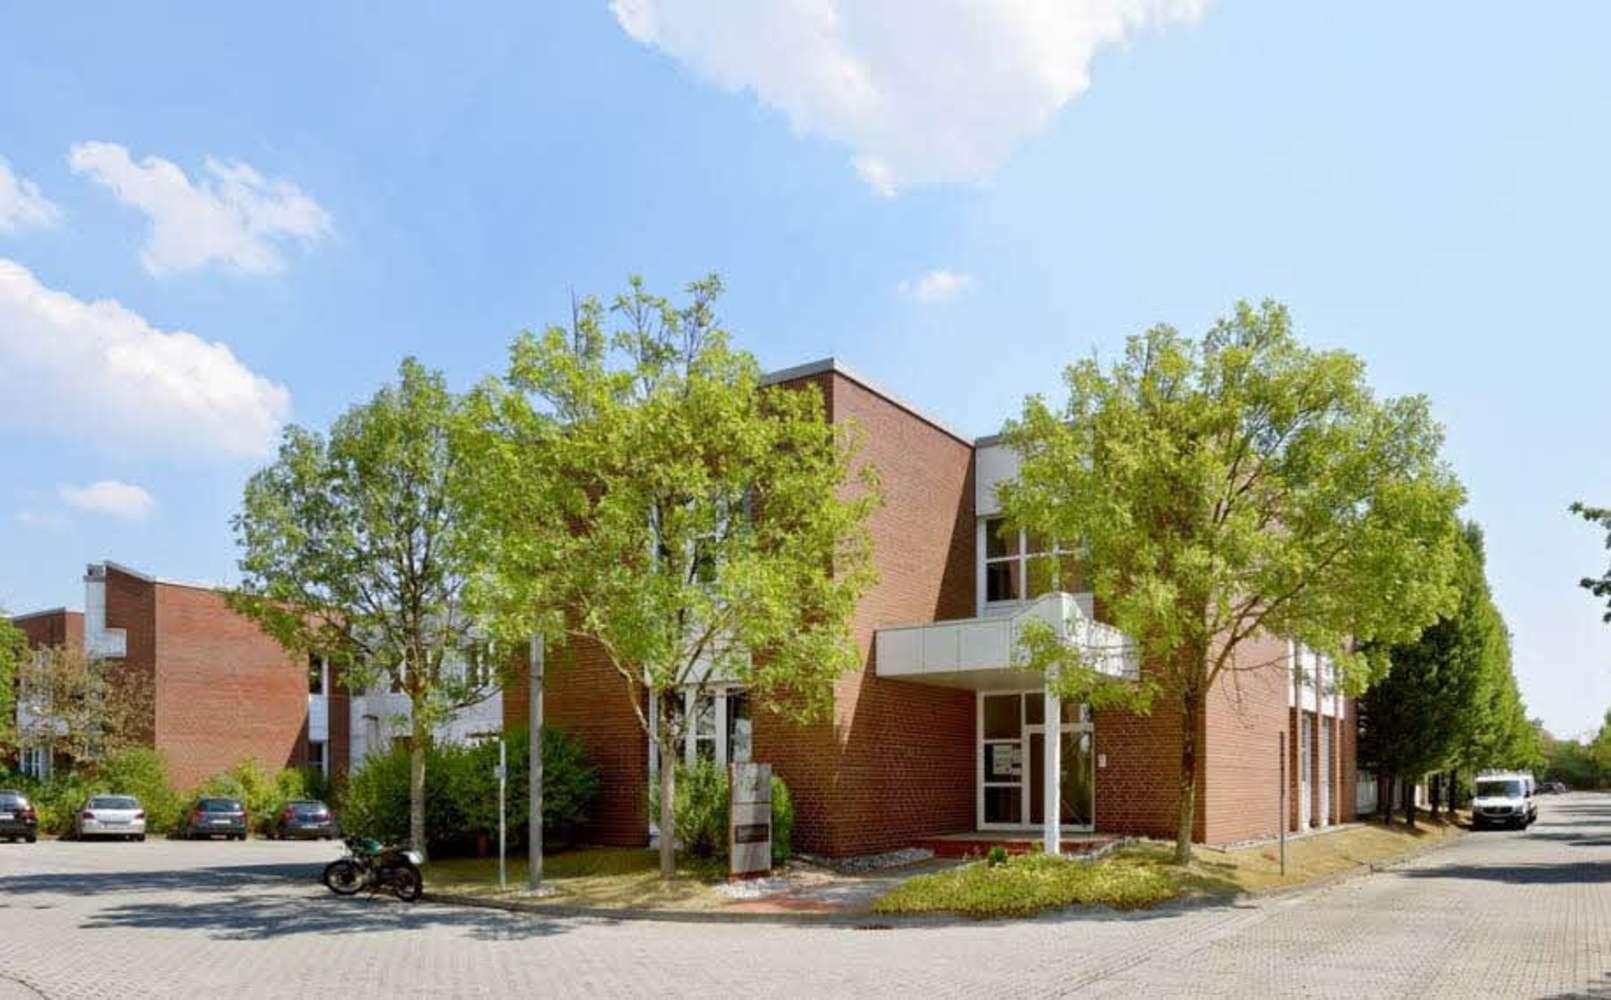 Büros Kirchheim b. münchen, 85551 - Büro - Kirchheim b. München - M1590 - 10369081